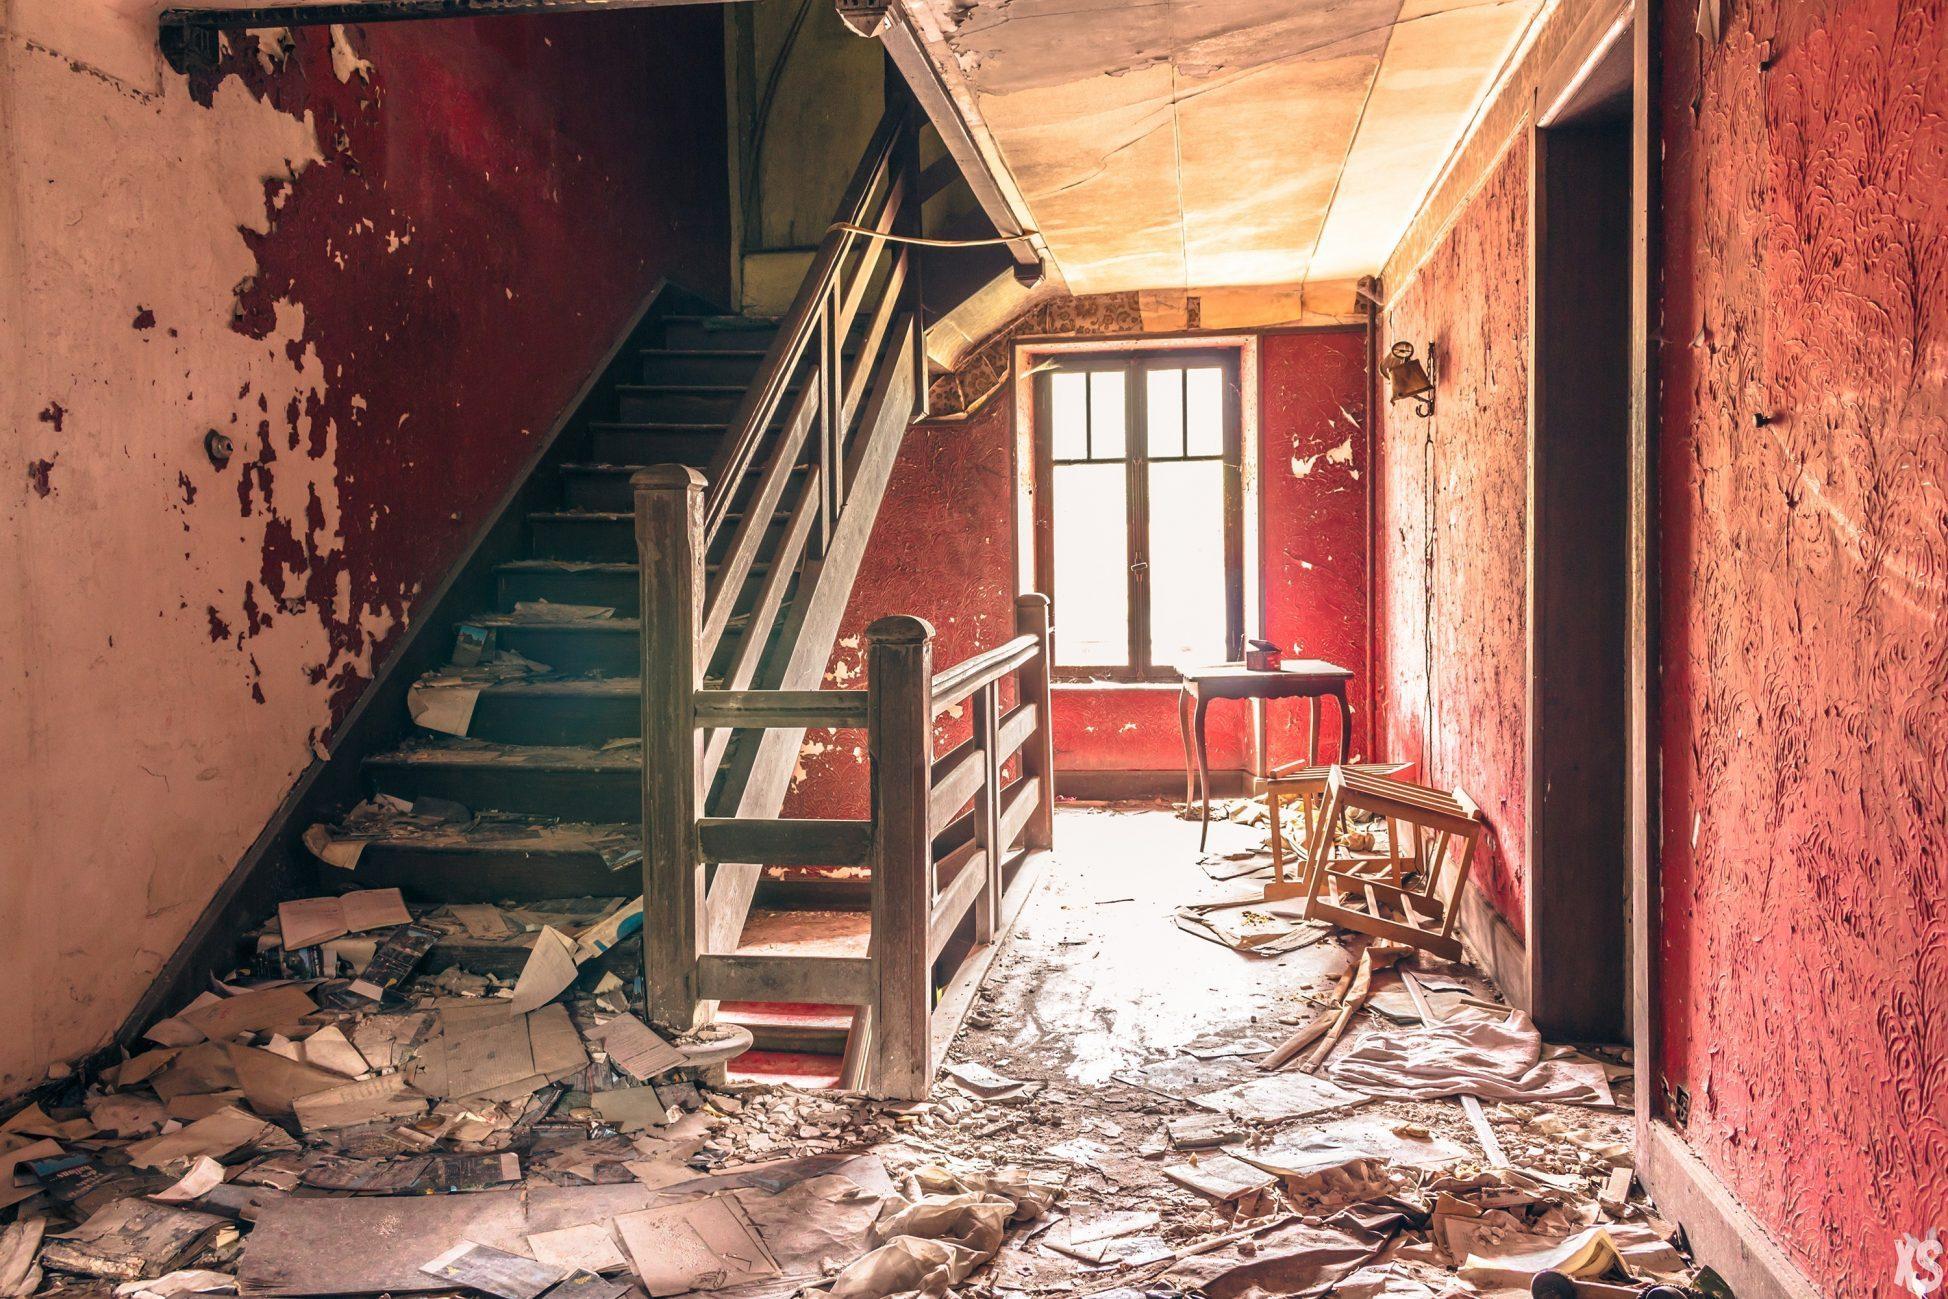 hotel-voirbo-20